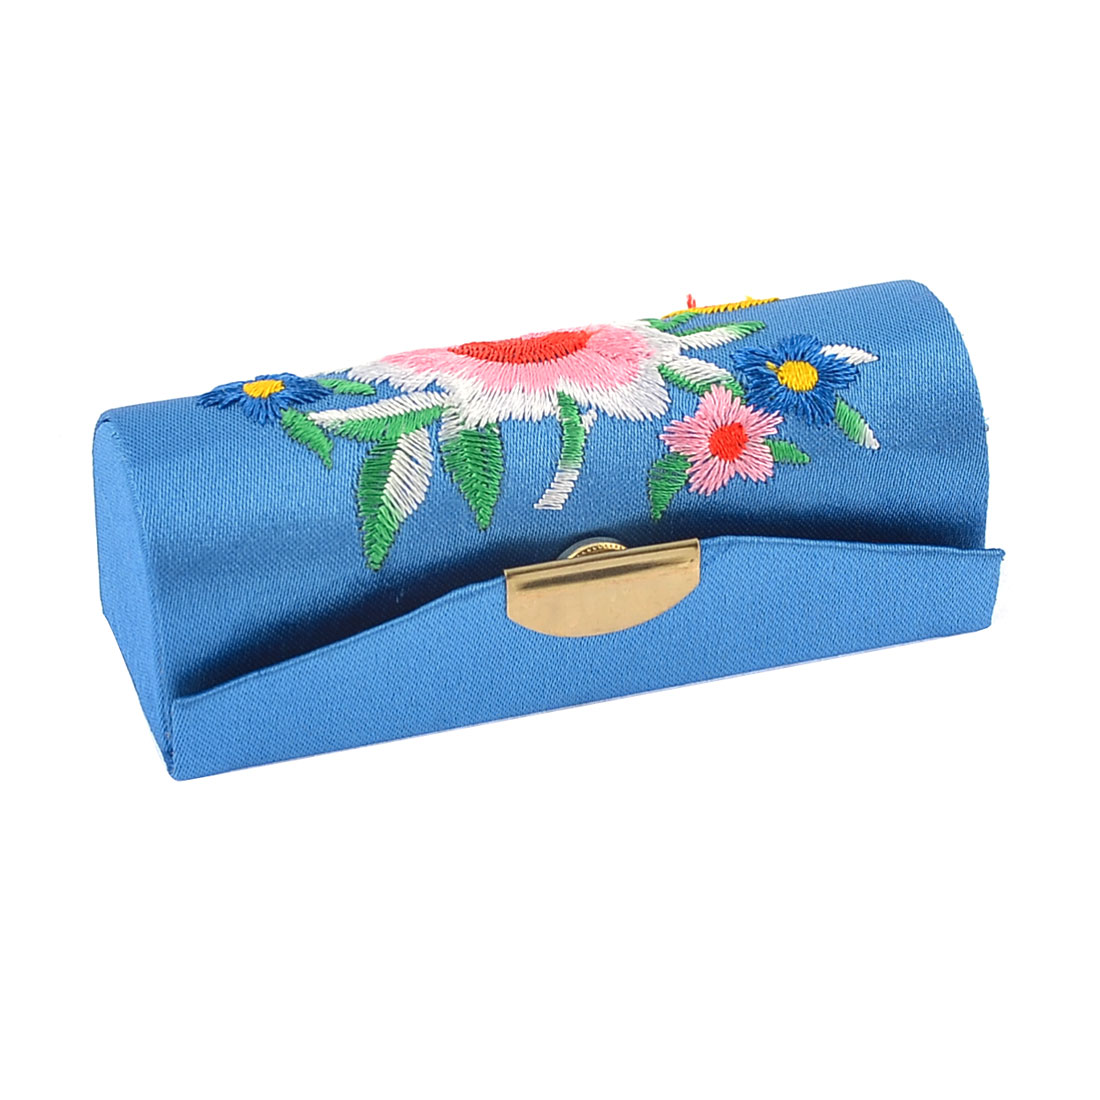 Dark Blue Mirror Adhesive Flower Embroidery Lipstick Case Box